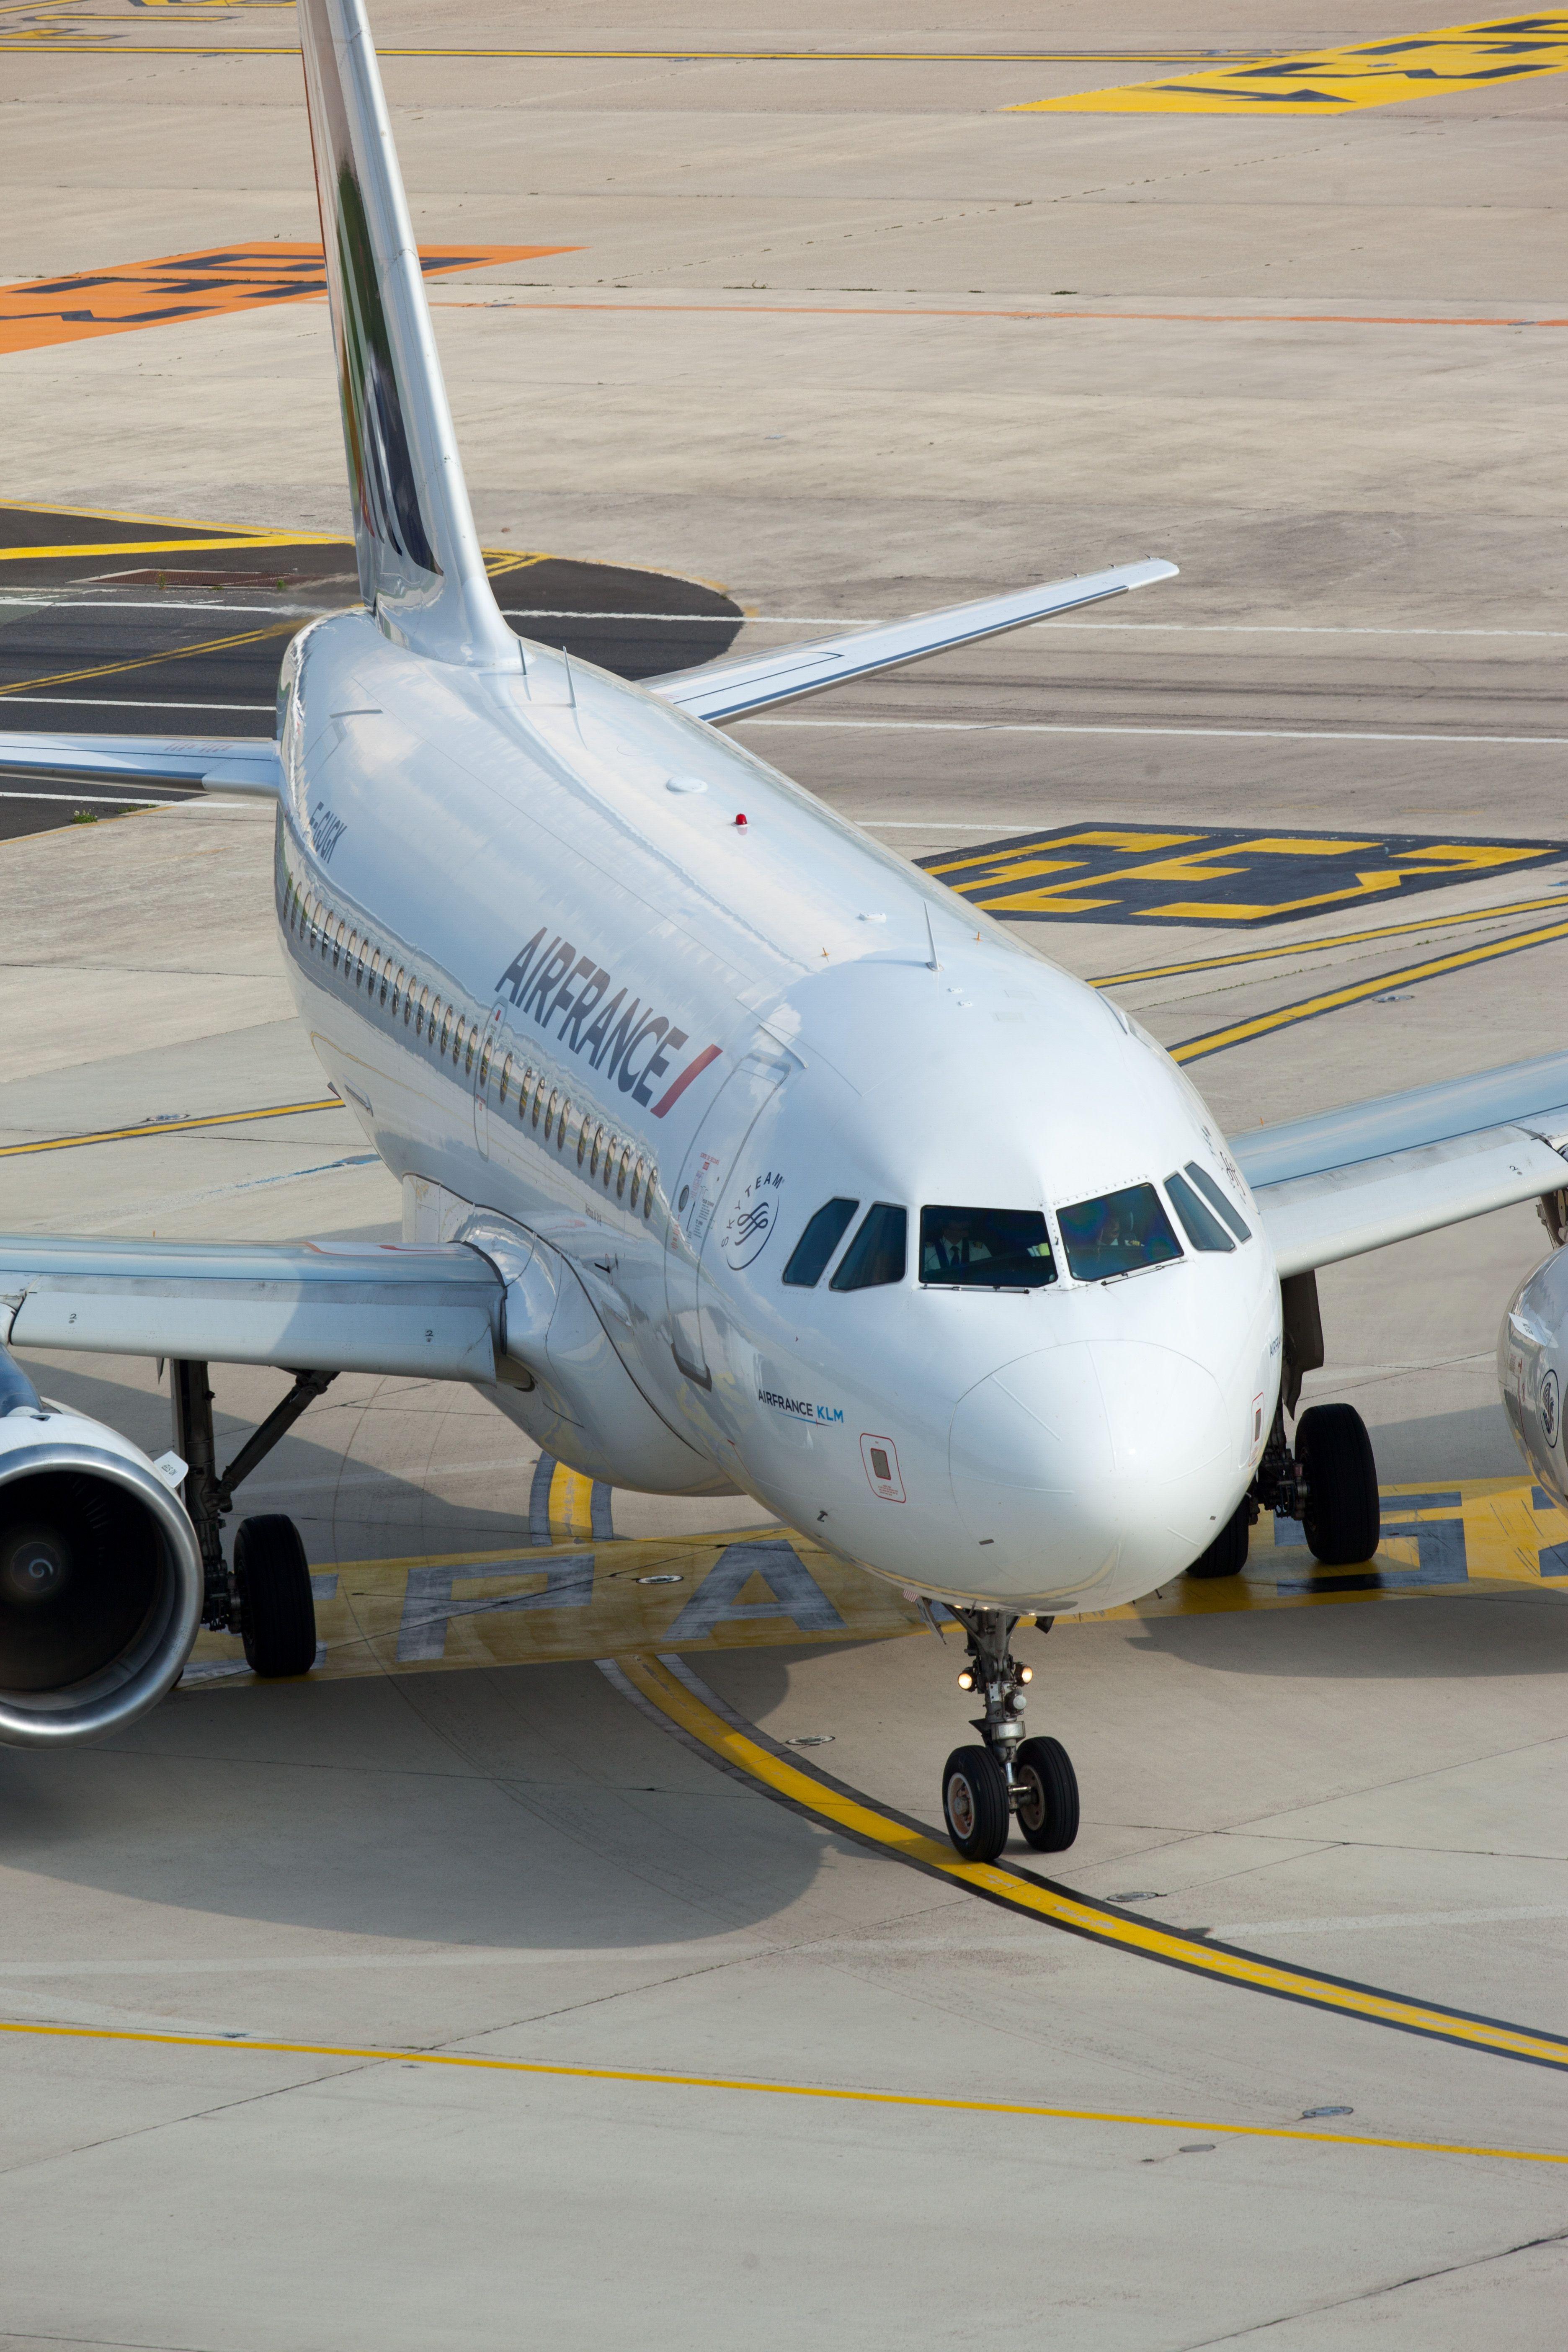 A318 A319 Air france, Avion de ligne, Compagnie aérienne